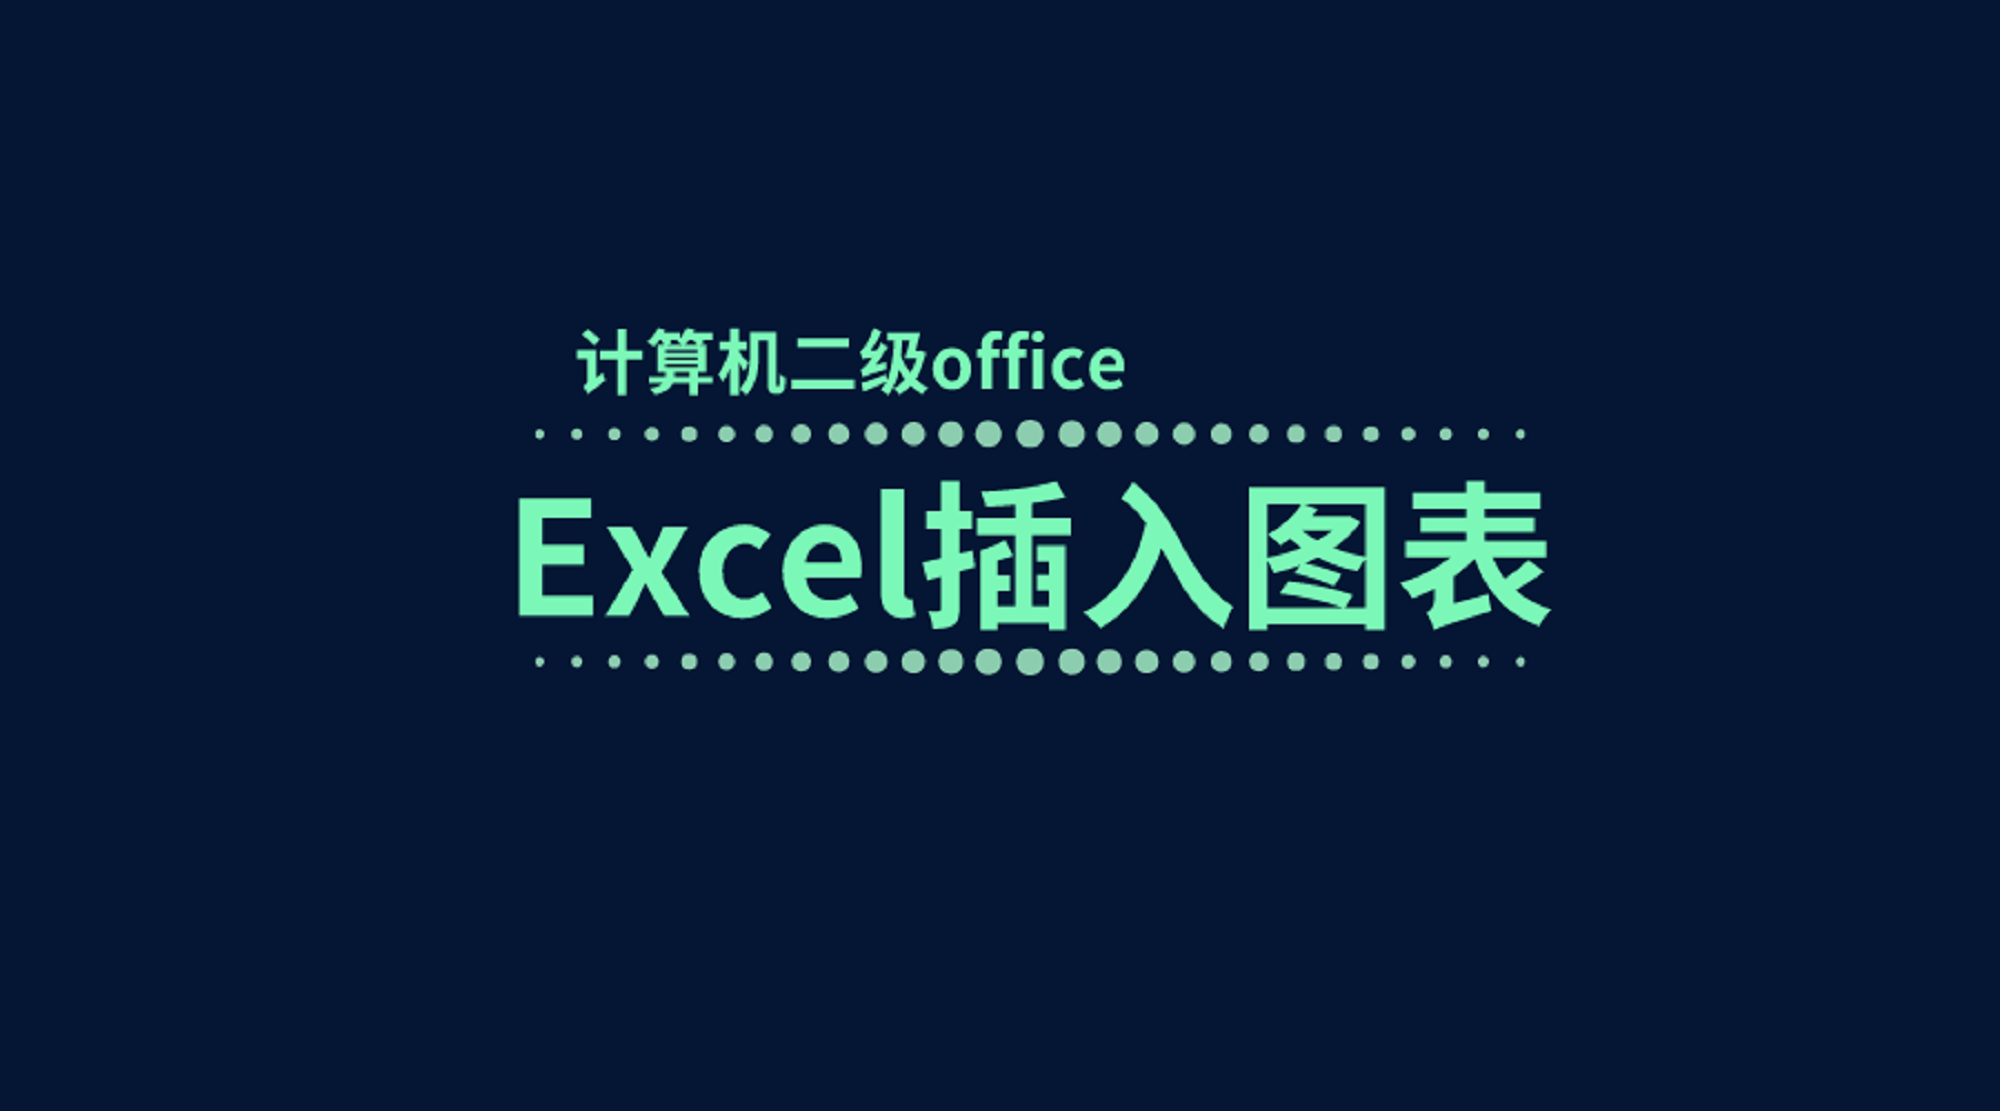 【Excel插入图表】计算机二级office2016版